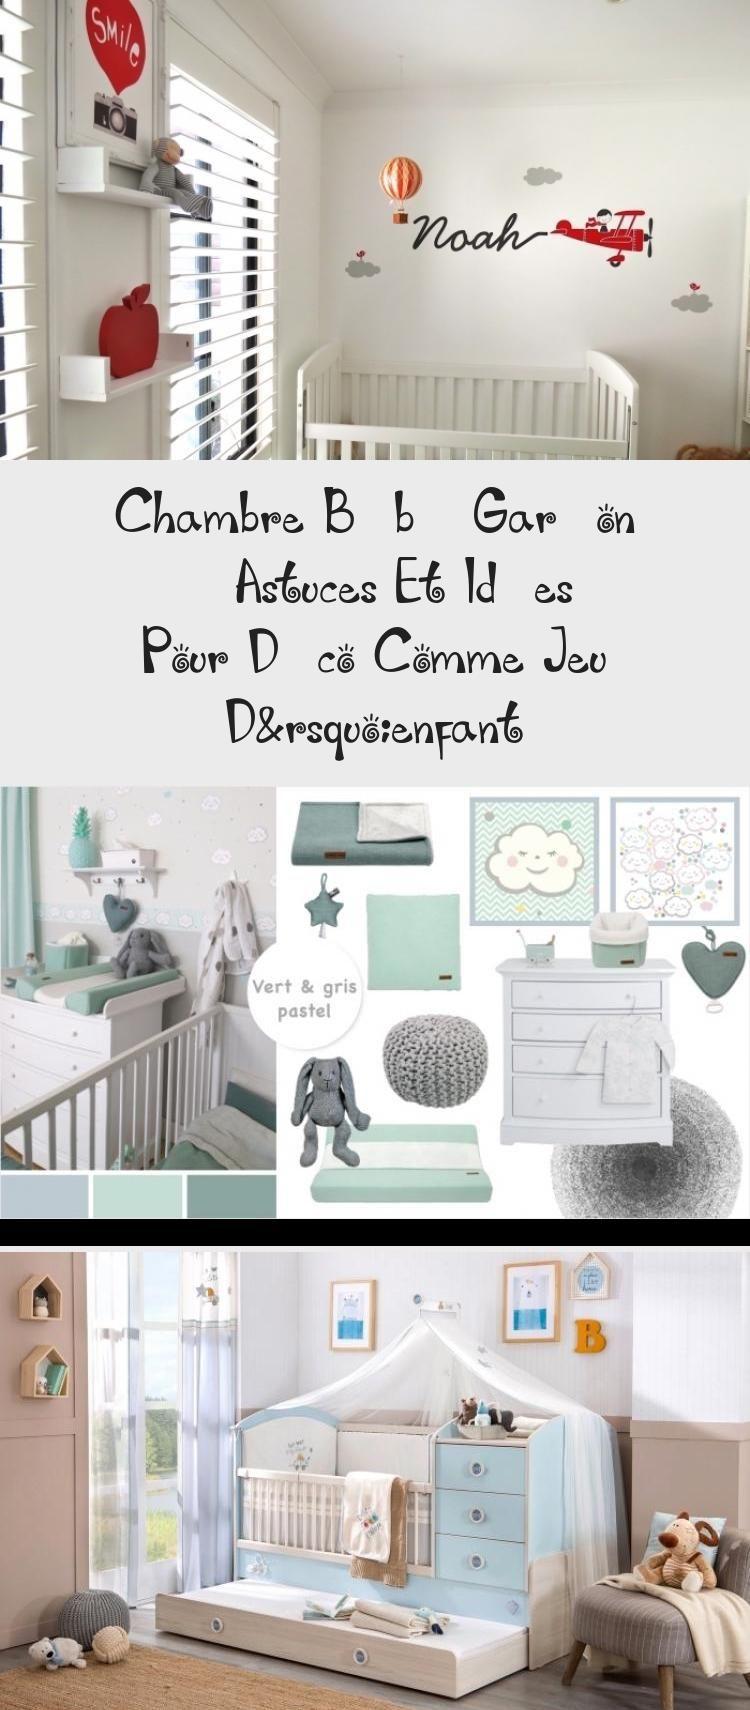 Chambre Bebe Garcon Astuces Et Idees Pour Deco Comme Jeu D